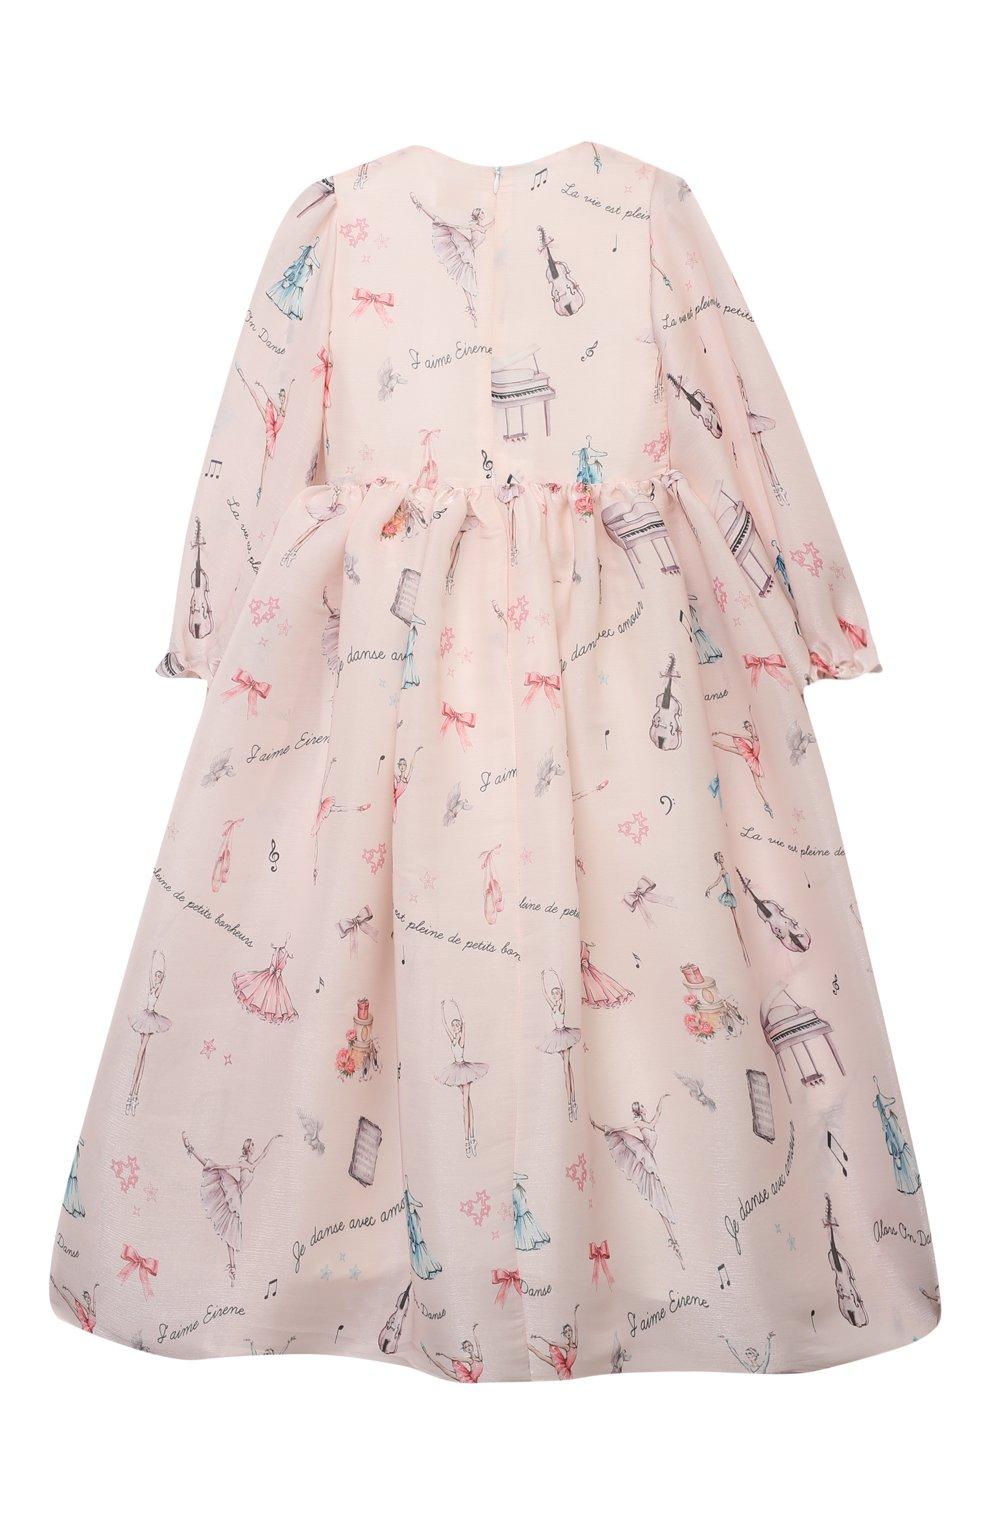 Детское платье EIRENE светло-розового цвета, арт. 212217 | Фото 2 (Рукава: Длинные; Случай: Вечерний; Материал внешний: Синтетический материал; Материал подклада: Хлопок)